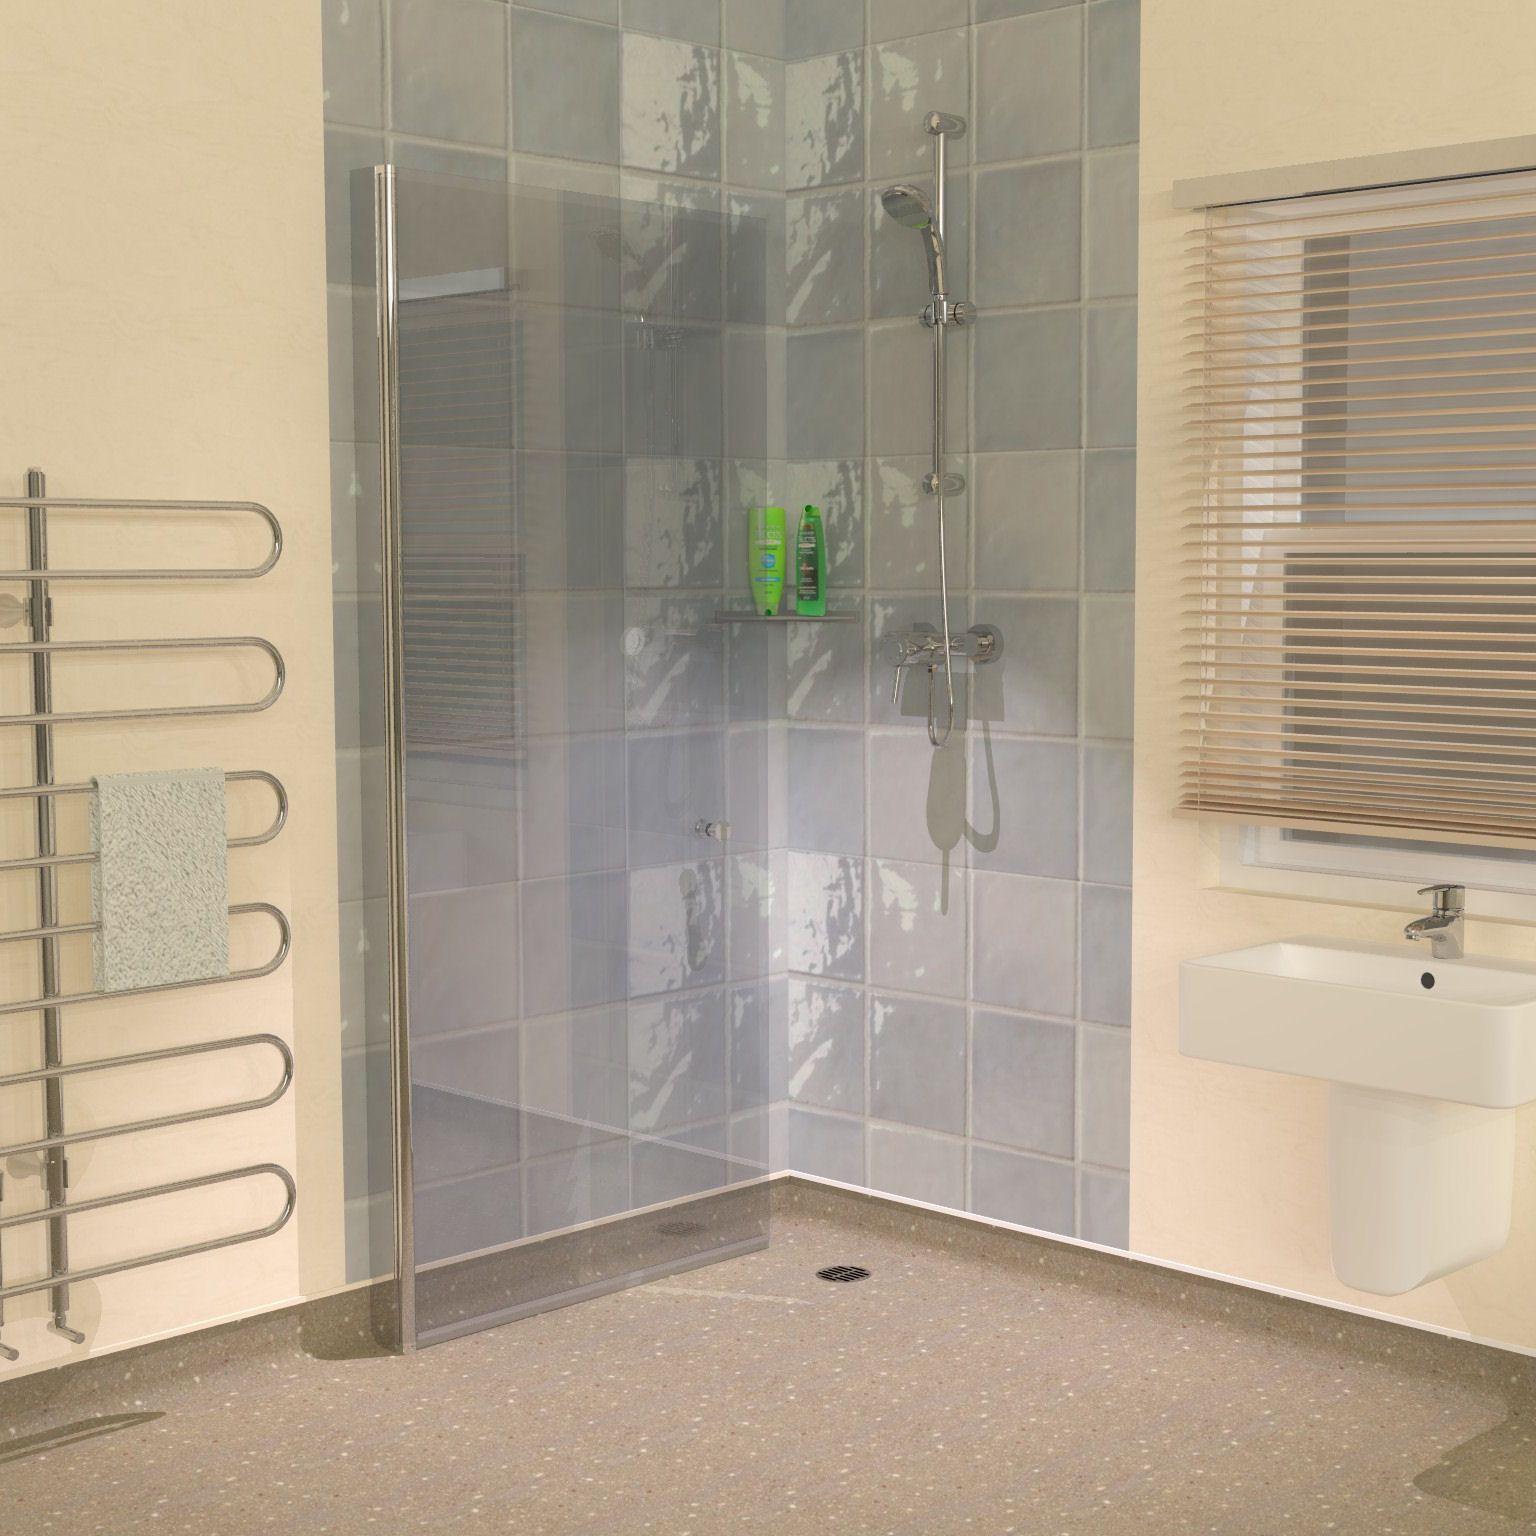 Vinyl Floor Hinged Screens Wet Room Shower Wet Room Shower Screens Vinyl Flooring